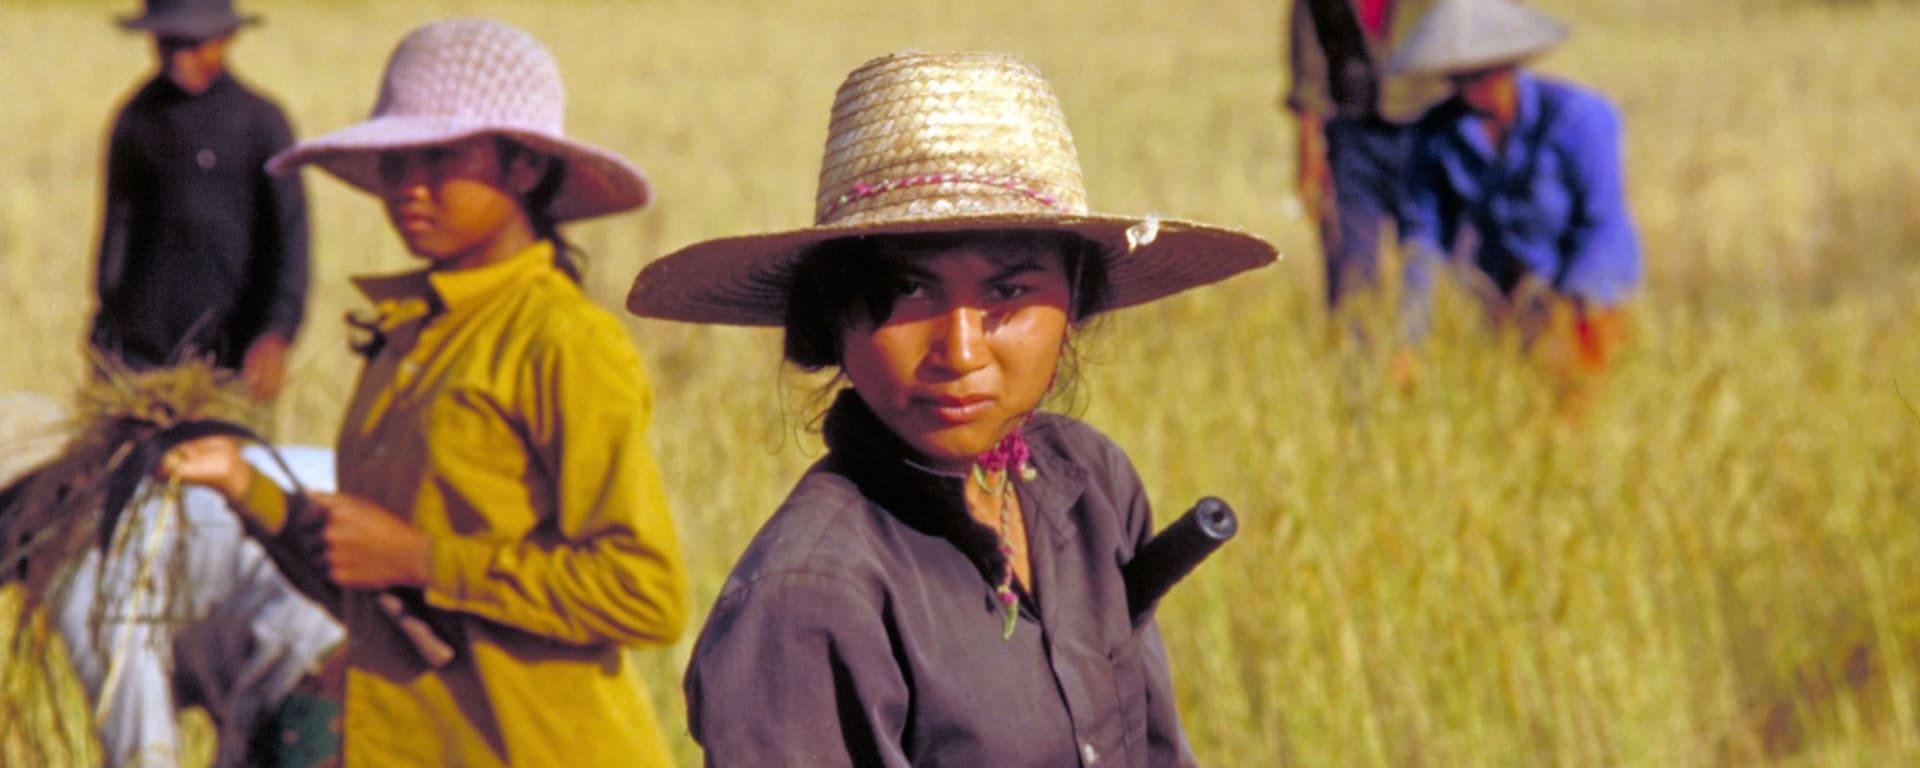 Traversée de Phnom Penh à Angkor: Farmers at work